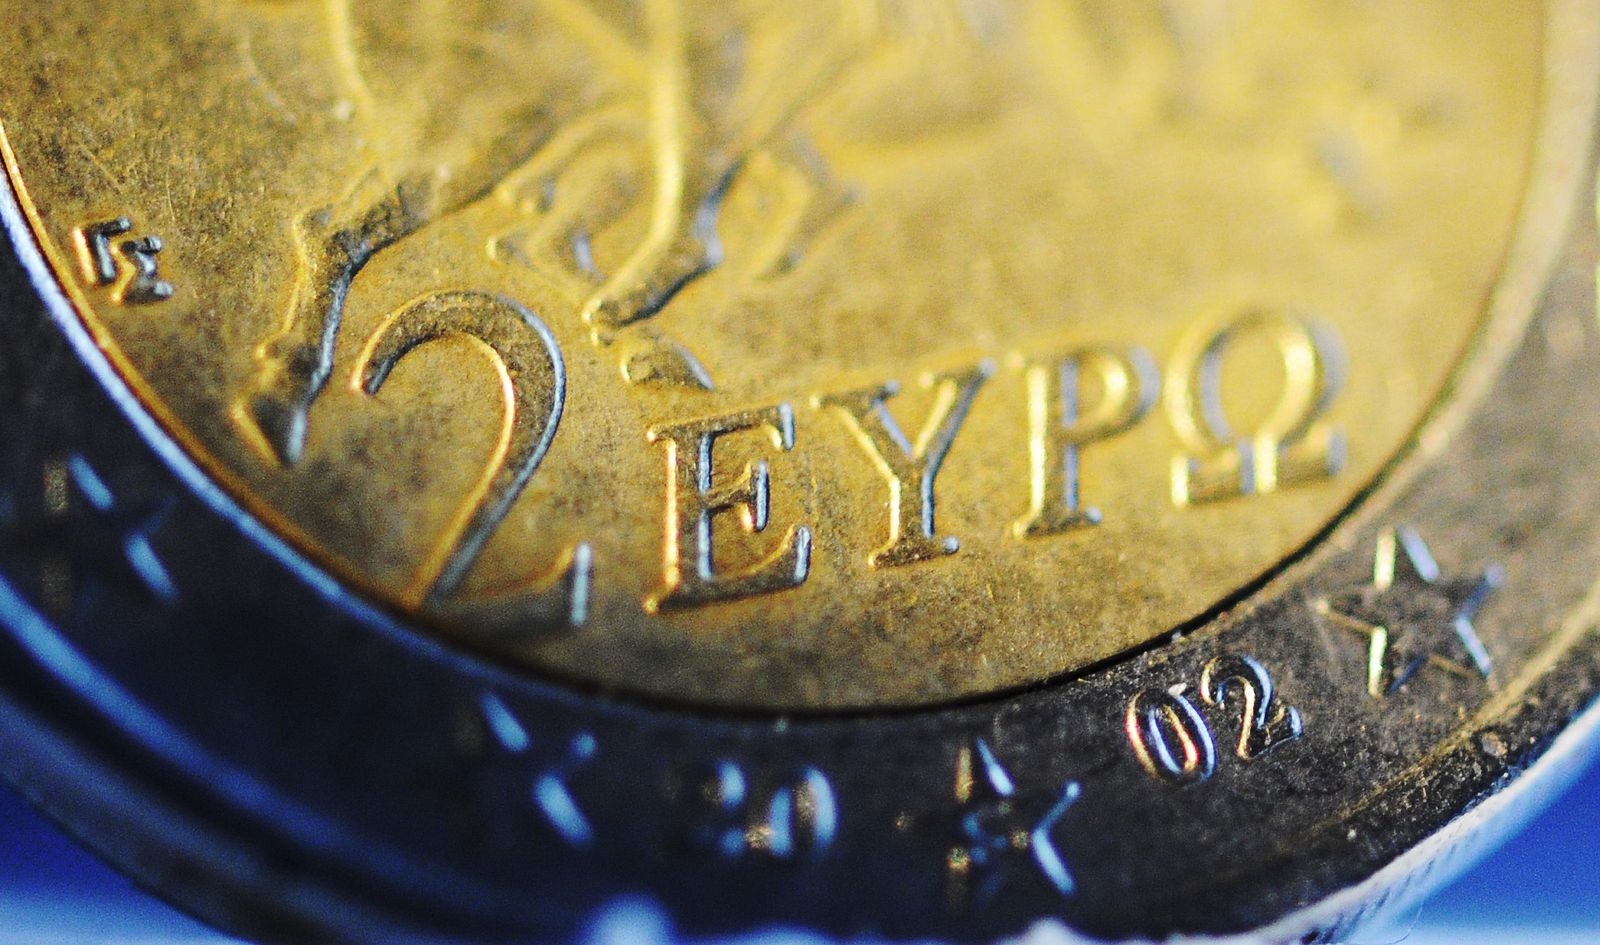 NICHT VERWENDEN Europa/Griechenland/Finanzkrise